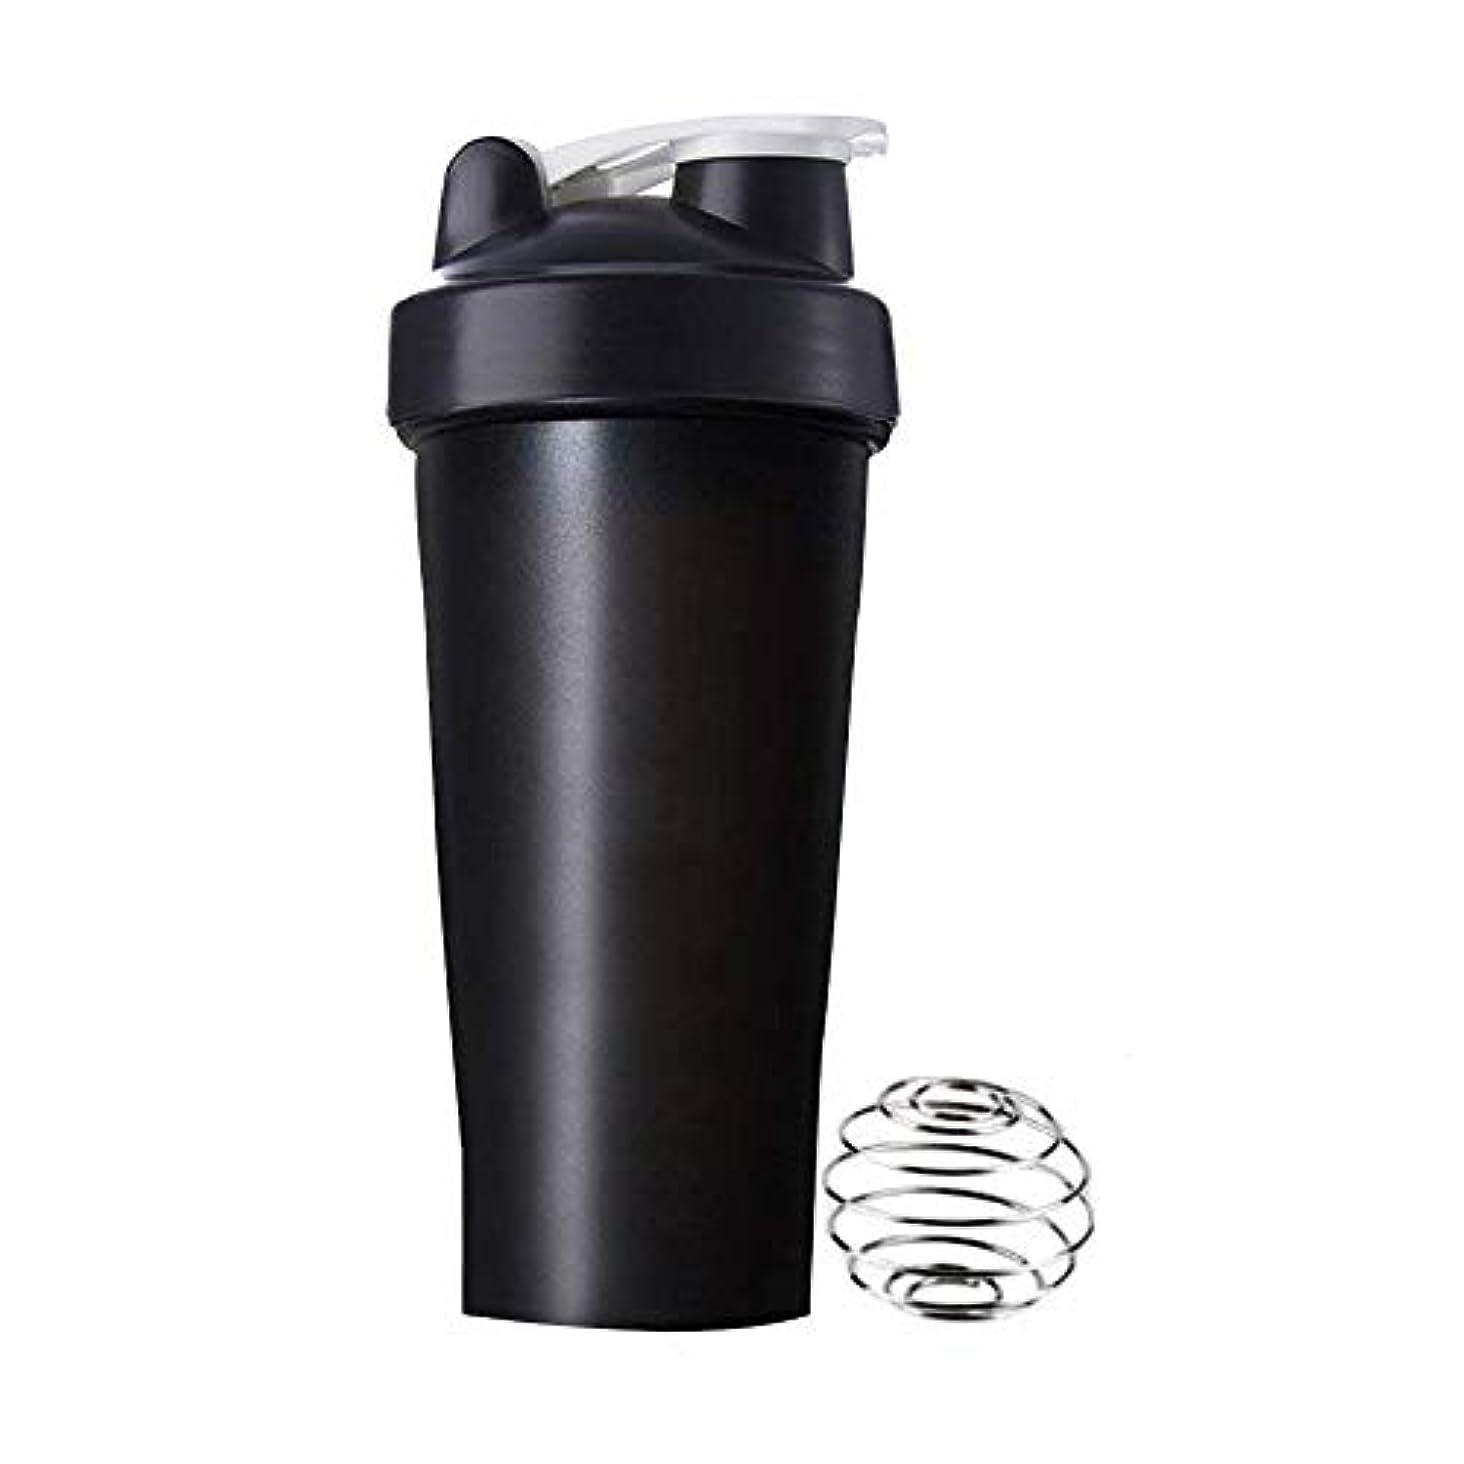 飢えた評論家危険にさらされているgundoop プロテインシェイカー 直飲み プラスチックウォーターボトル ジム シェーカーボトル 600ml